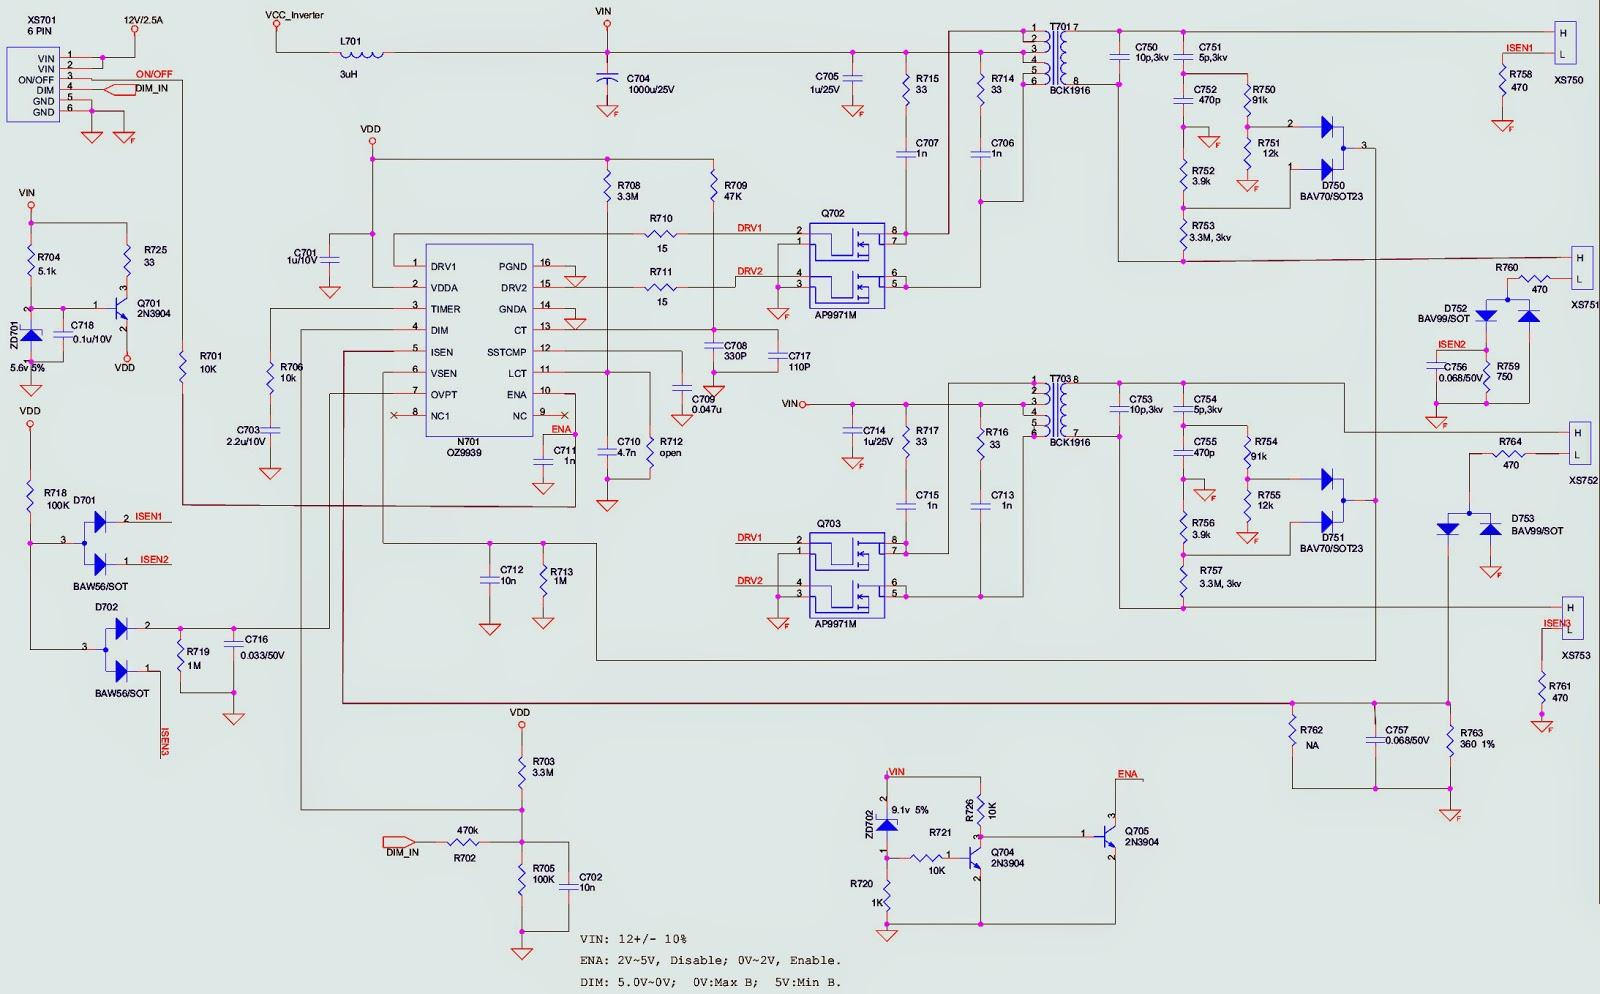 wiring diagram trane split system mitsubishi lancer cj gas furnace electrical